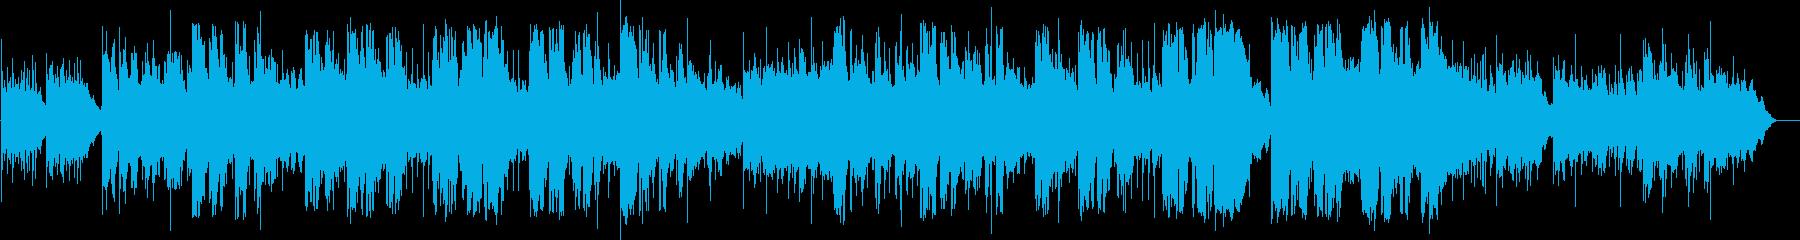 英語洋楽: 切ない傷心バラード&ピアノの再生済みの波形